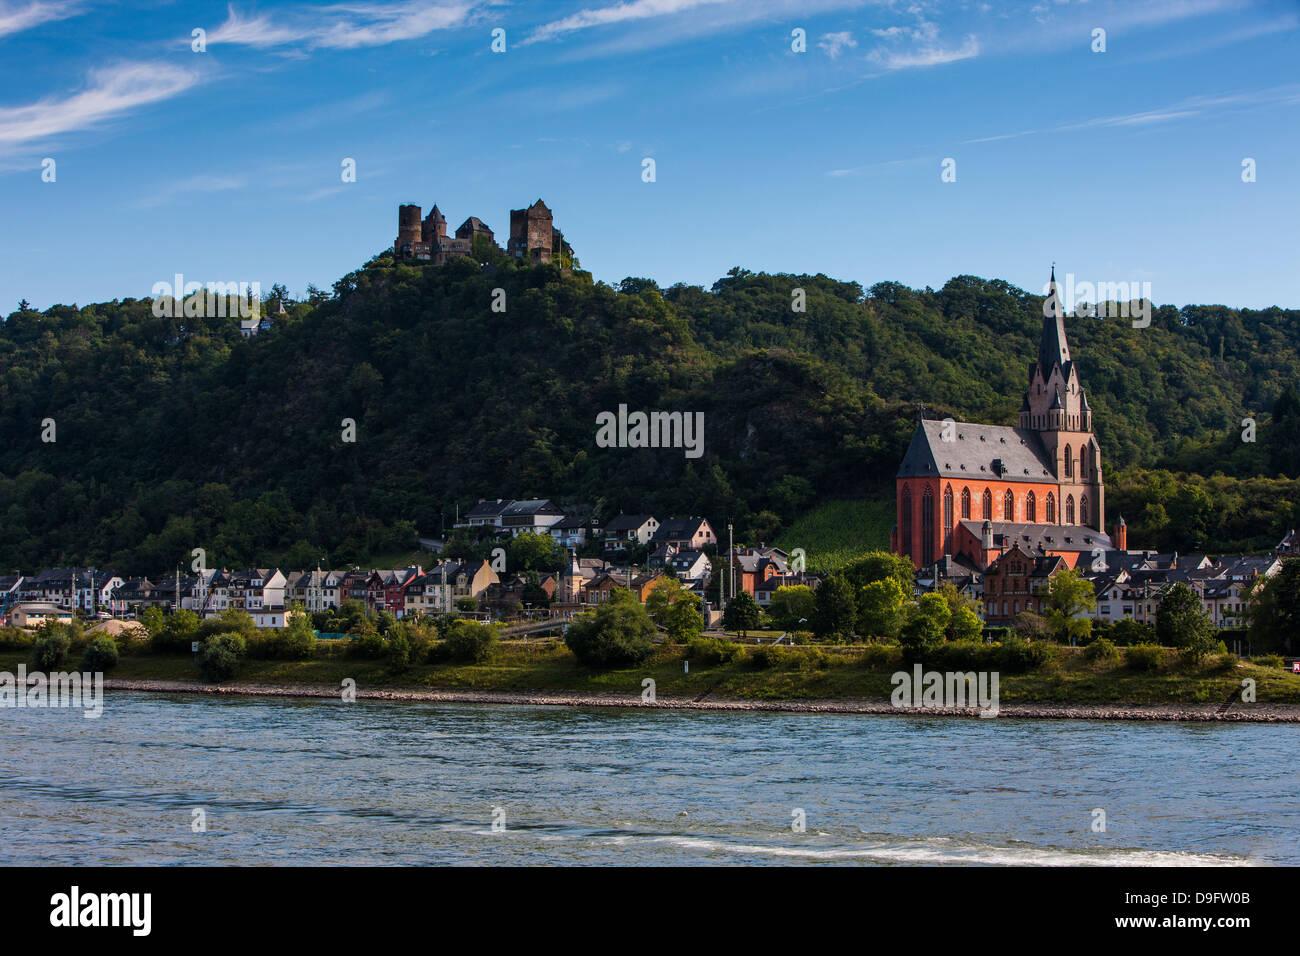 Castillo Stahleck por encima de la aldea de Bacharach en el valle del Rin, Renania-Palatinado, Alemania Imagen De Stock